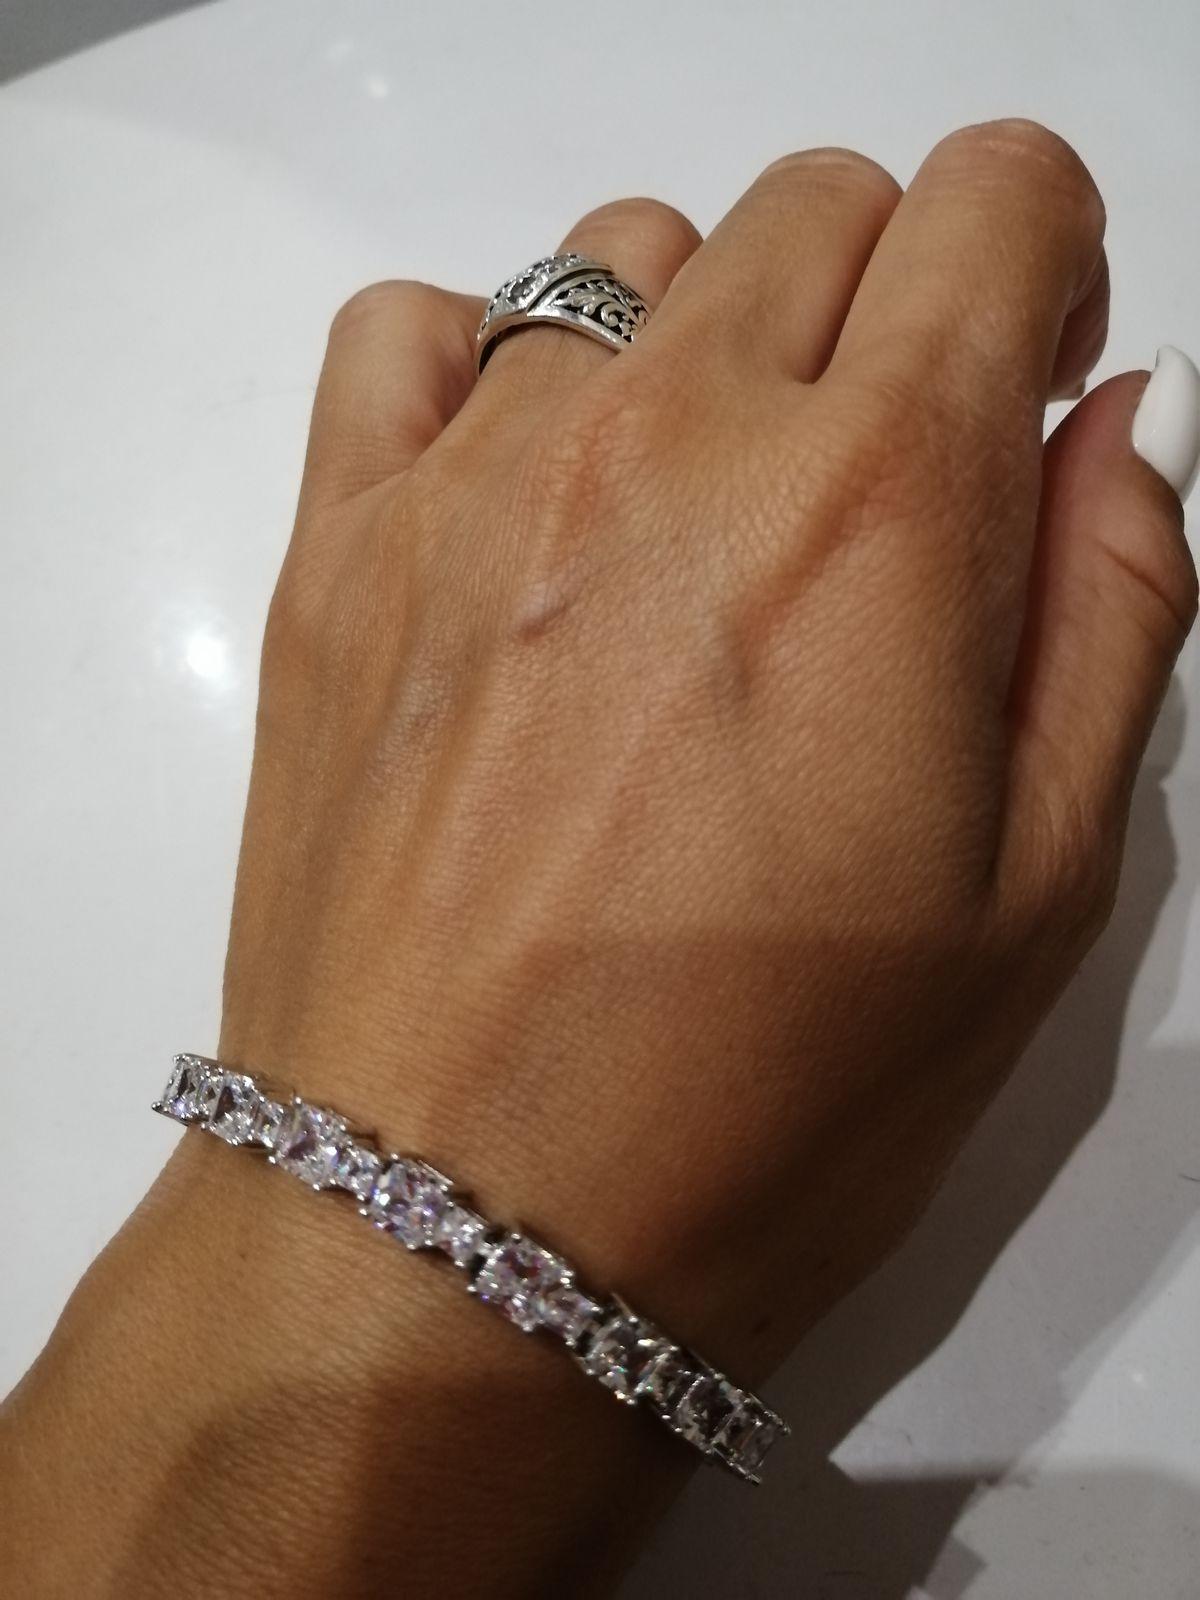 Серебряный браслет со сверкающими фианитами, оригинальной застежкой, дешево